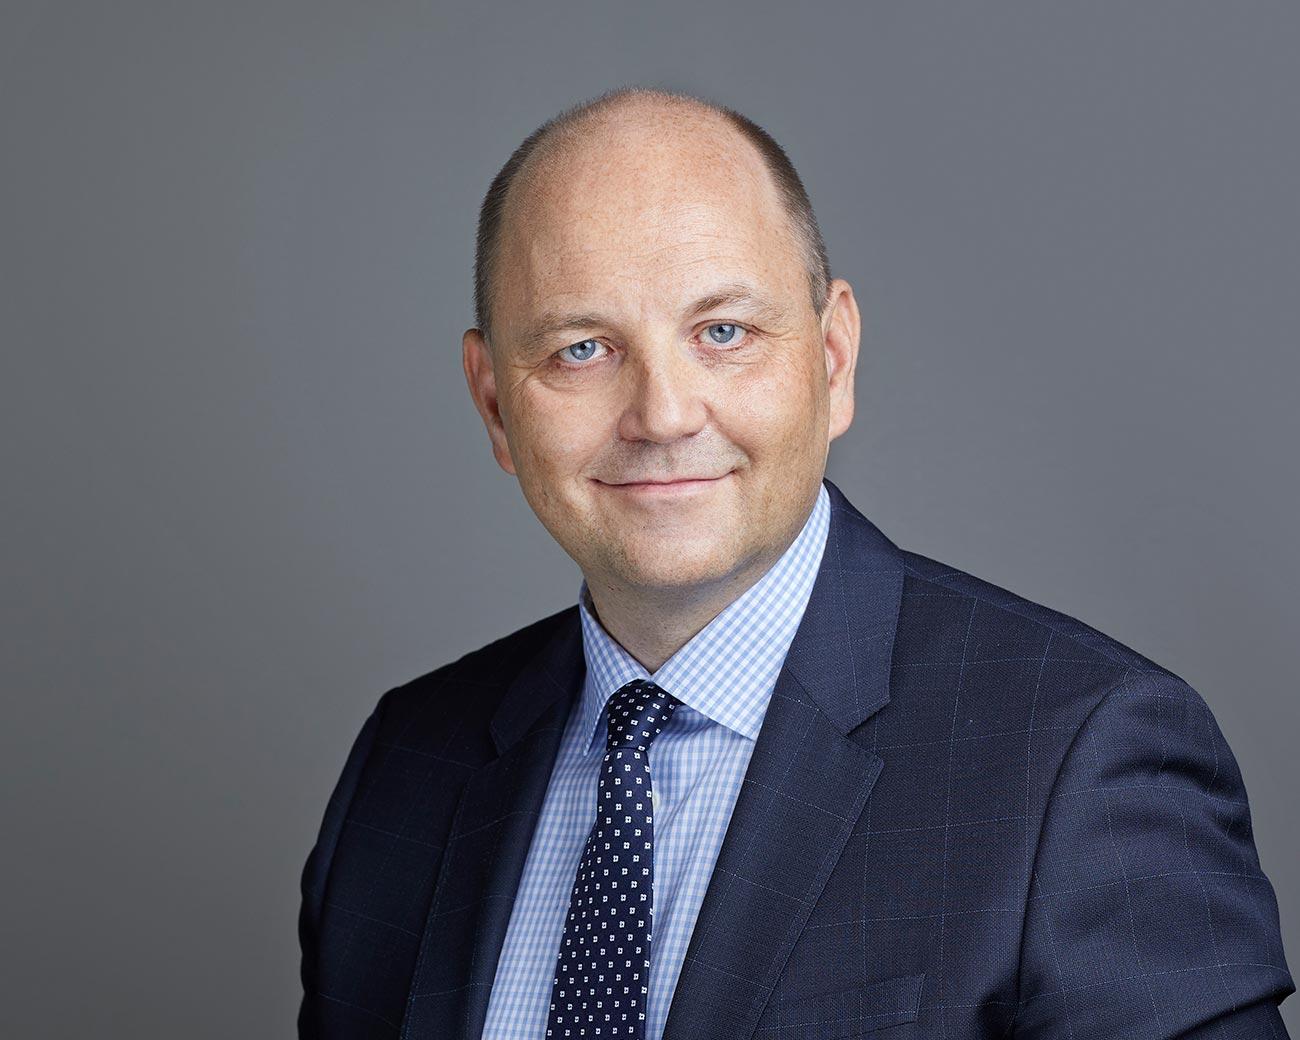 Marcus Karsten, CEO of Coor in Finland